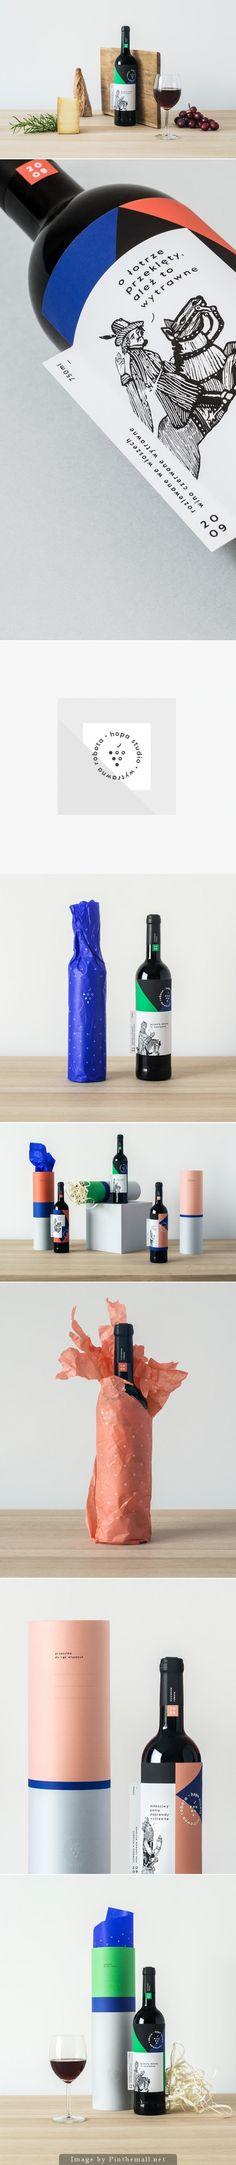 #wytrawnarobota #label #design | by Piotr Holub / Marcin Paściak